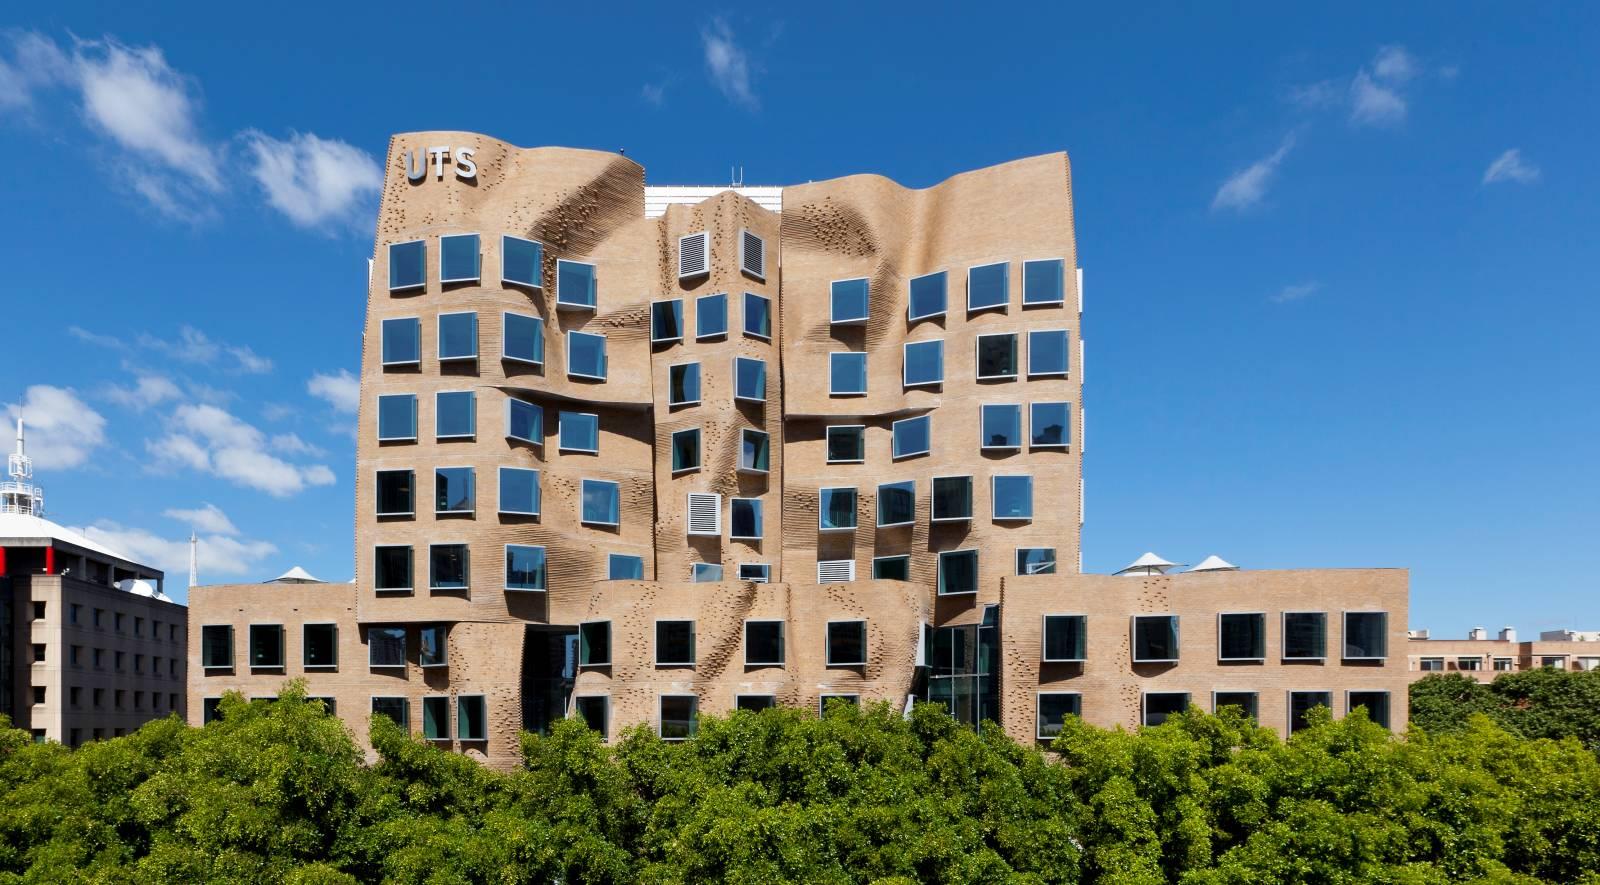 Dr Chau Chak Wing Building by Frank Gehry 00 - 10 tòa nhà đẹp nhất ở Sydney